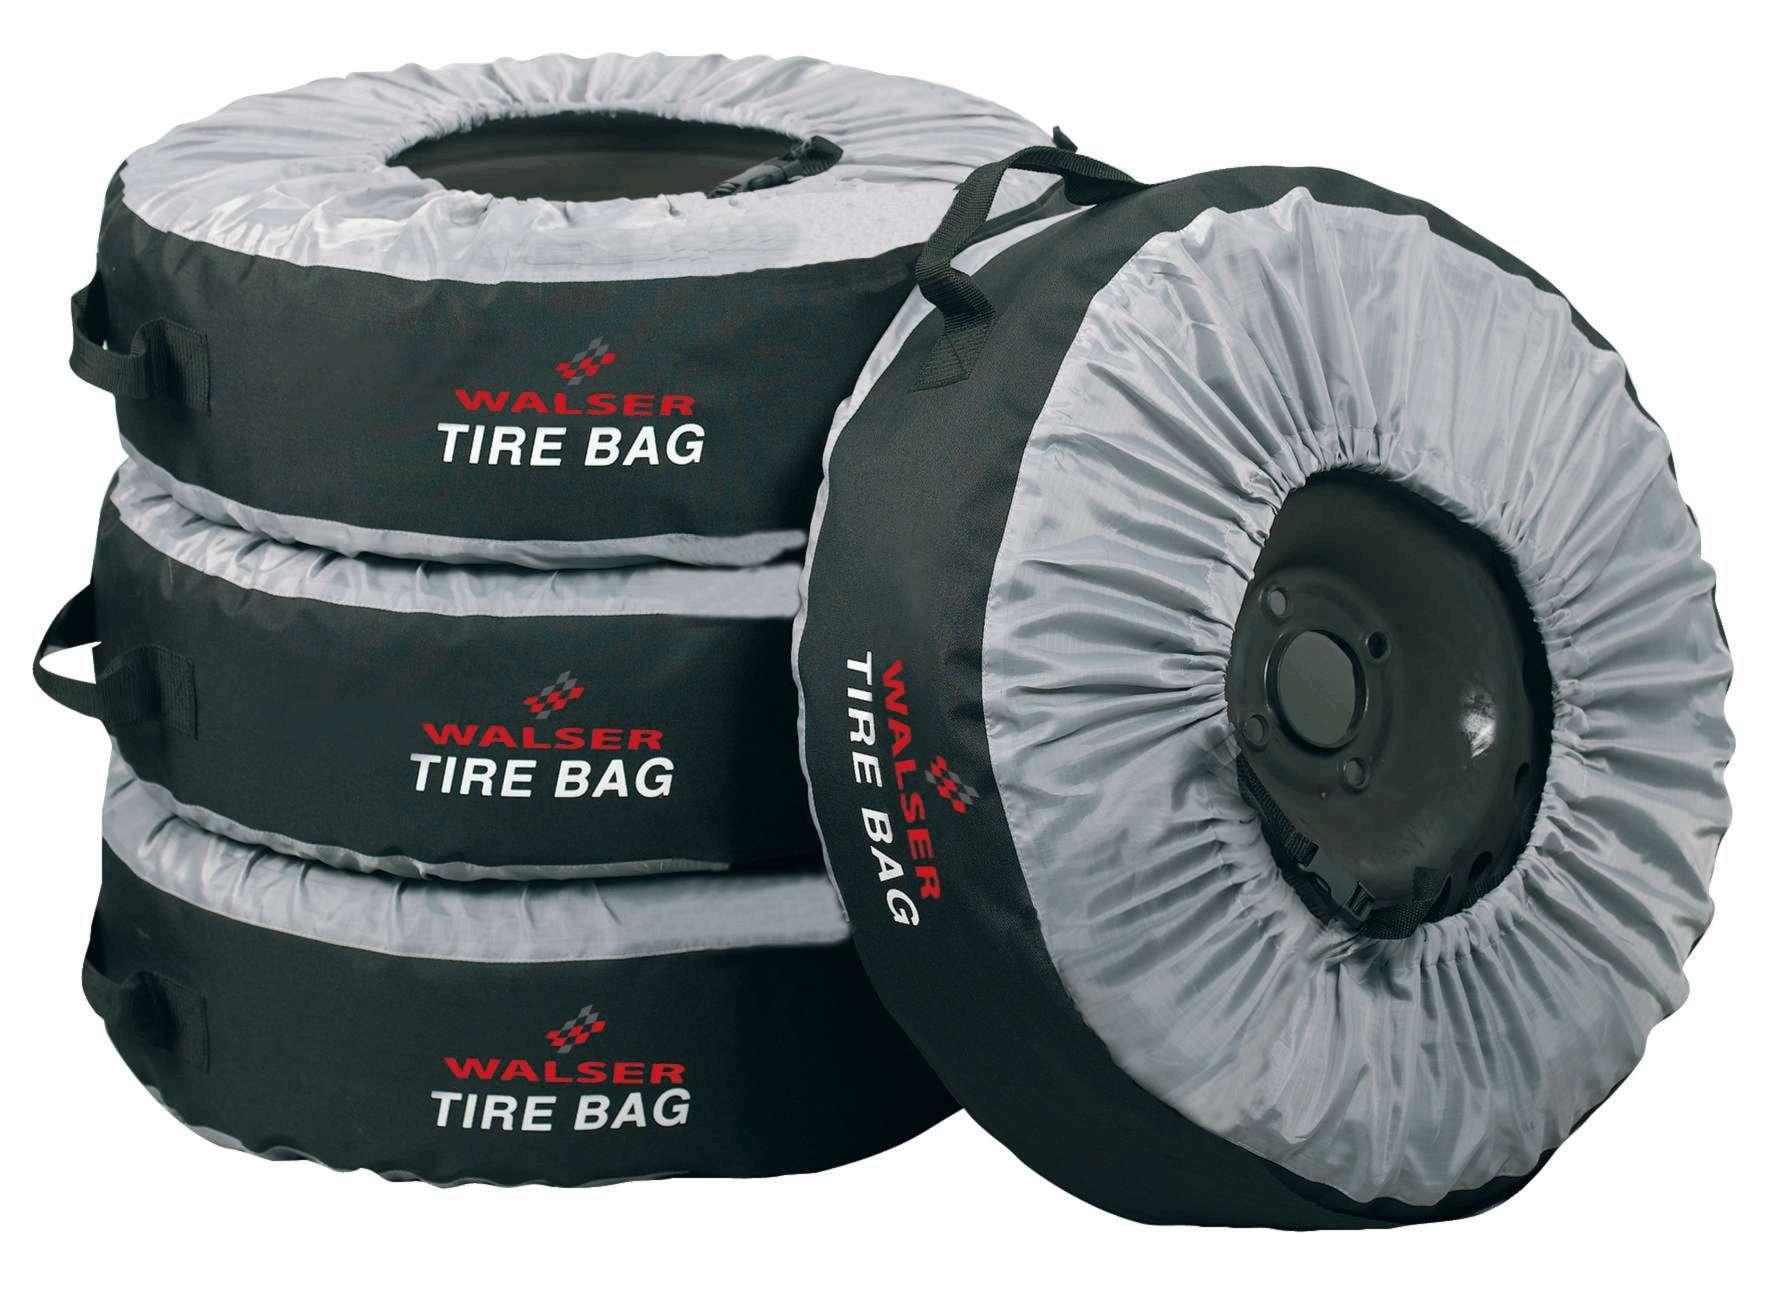 Comprare 13711 WALSER grigio, nero, 13, 14, 15, 16, 17Inch Copri pneumatici 13711 poco costoso